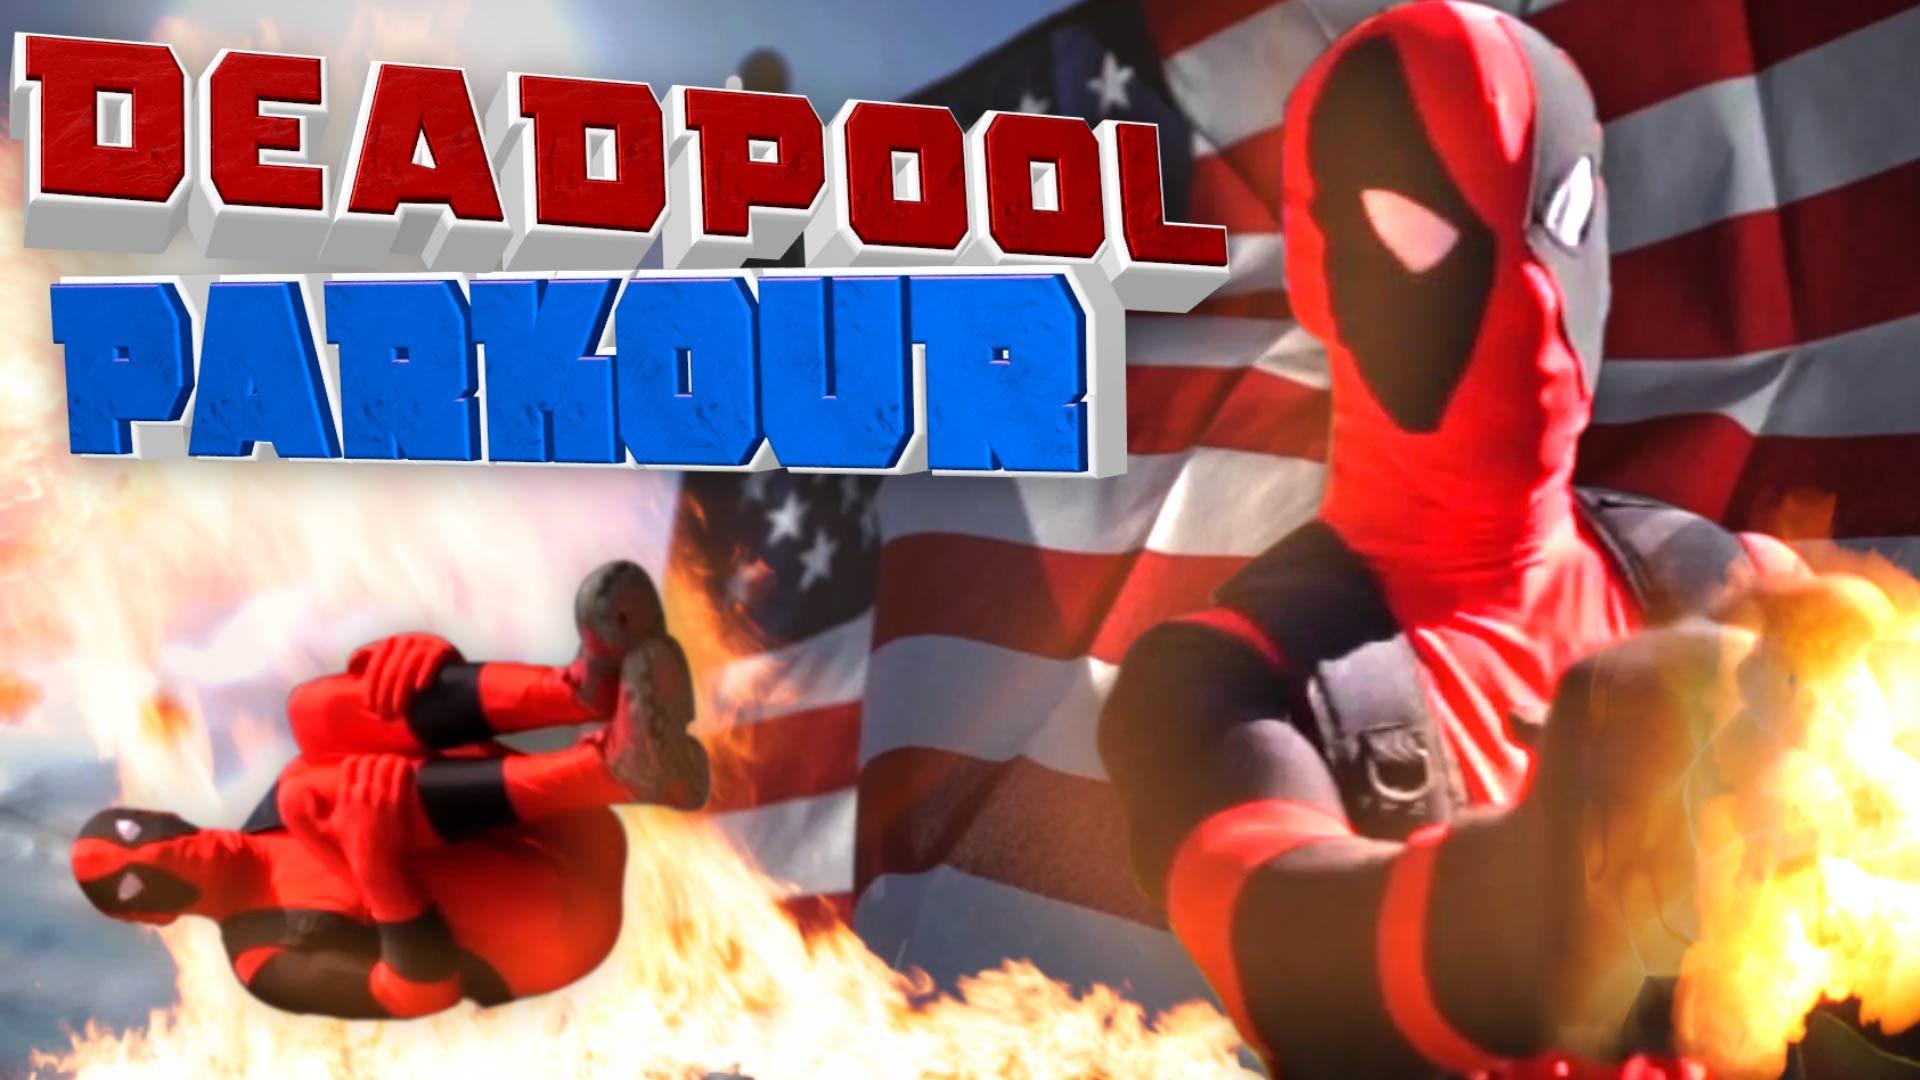 Deadpool parkourmaxresdefault